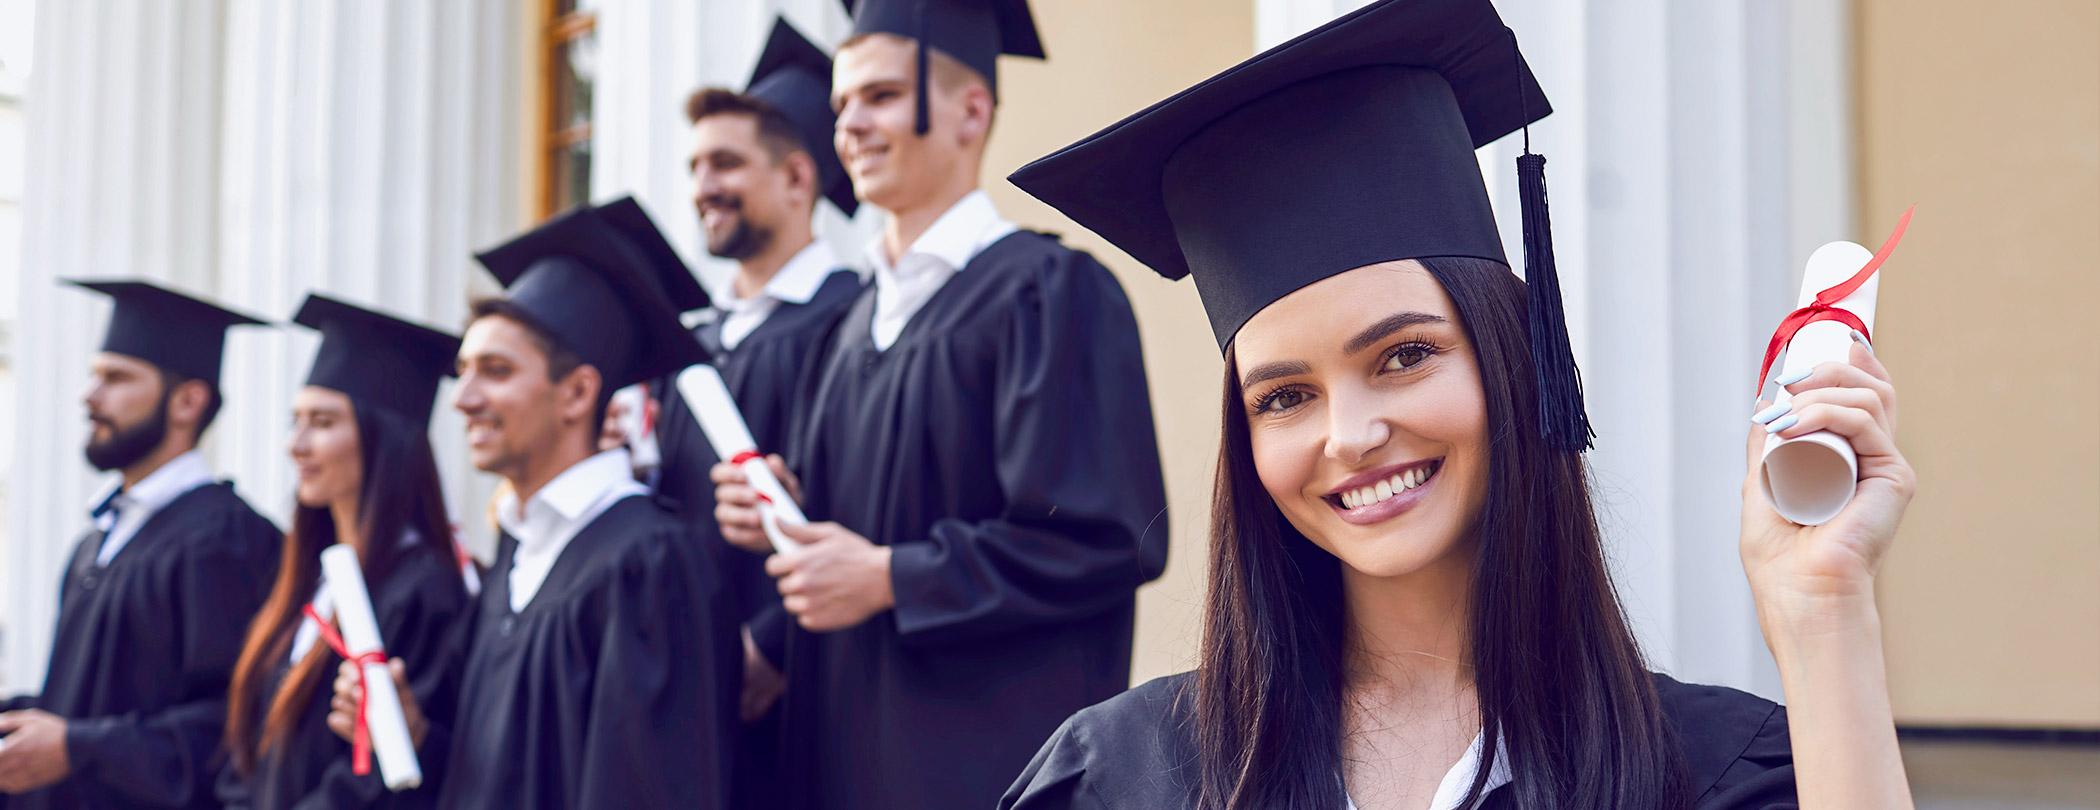 Sınav stresini nasıl aşarım? Eğitim bitti; nasıl iş bulacağım? Kariyer basamaklarını nasıl tırmanmalıyım? Eğitim ve kariyer hakkında her şey burada!